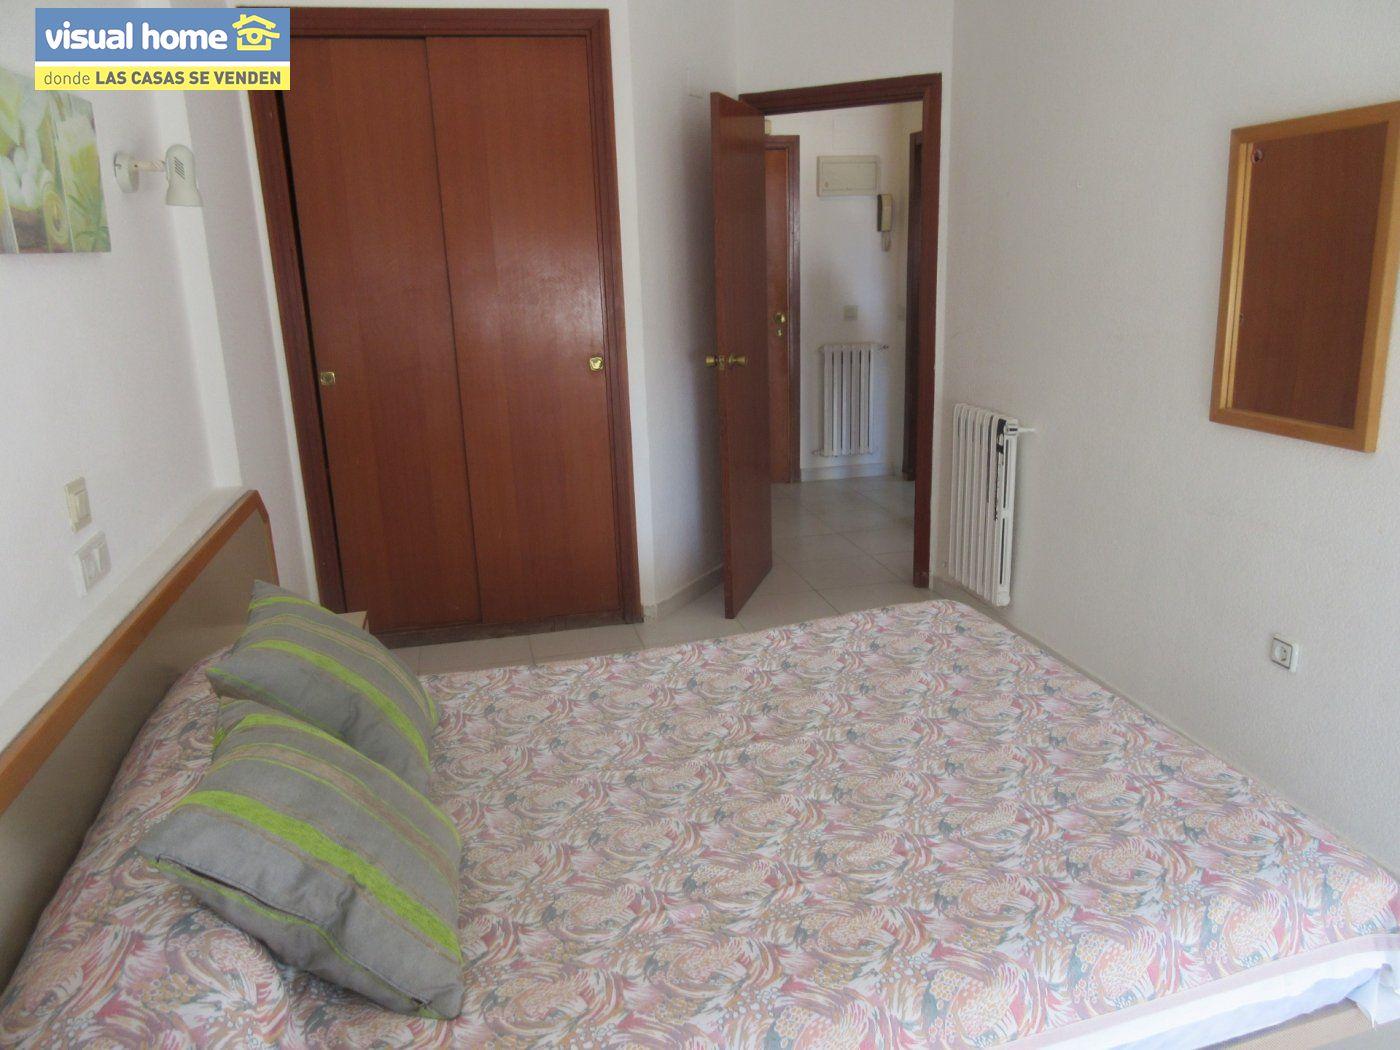 Apartamento de un dormitorio con parking y piscina en Rincón de Loix llano 12